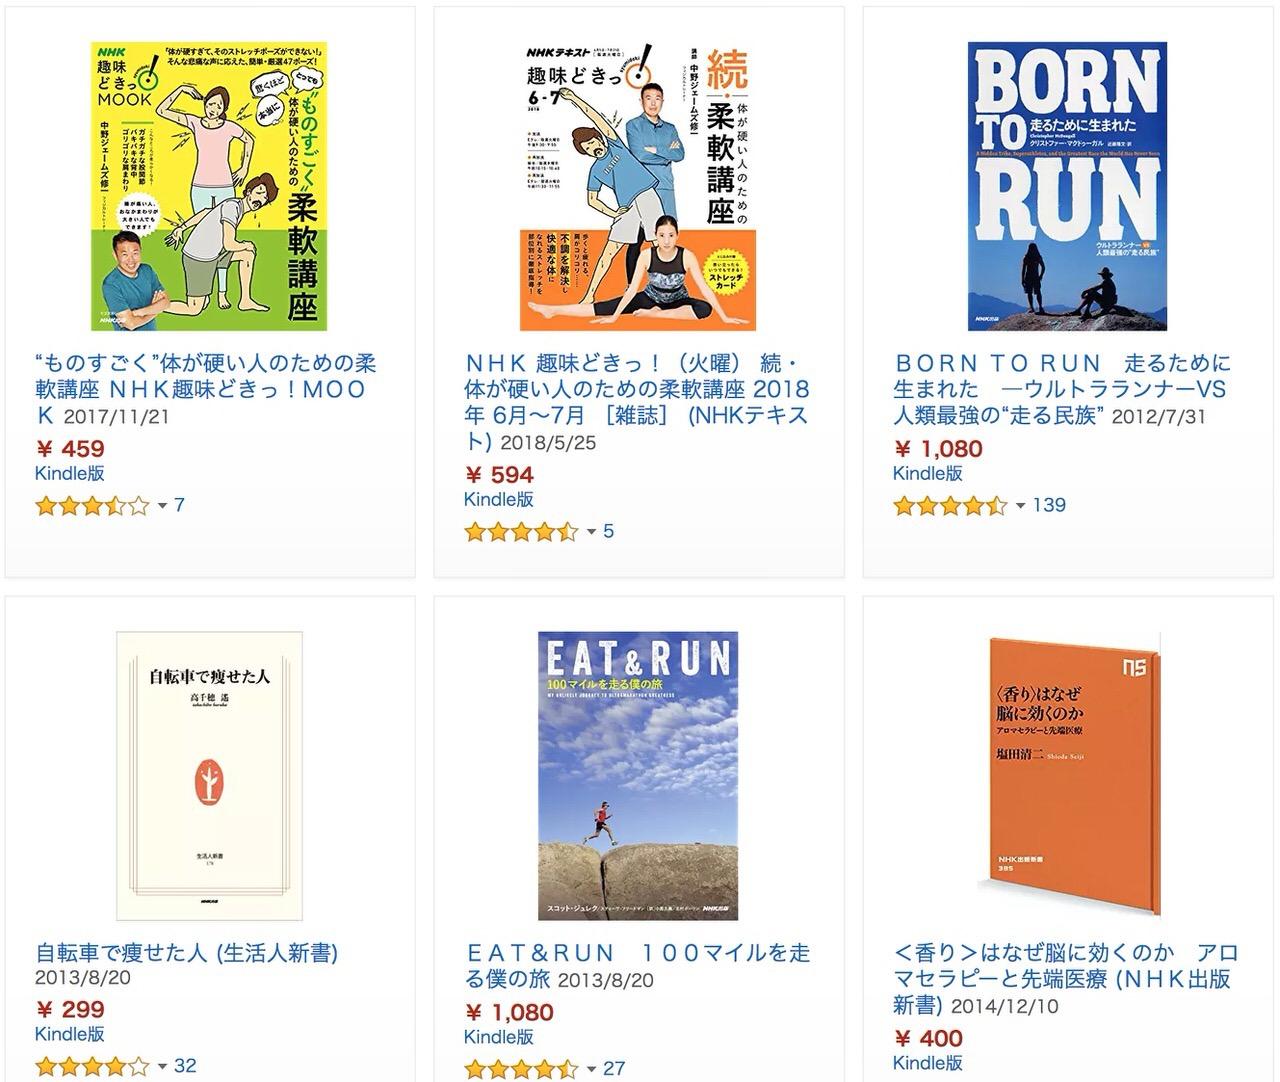 【Kindleセール】50%OFF「NHK出版 カラダとココロと食の本」48冊が対象(9/6まで)